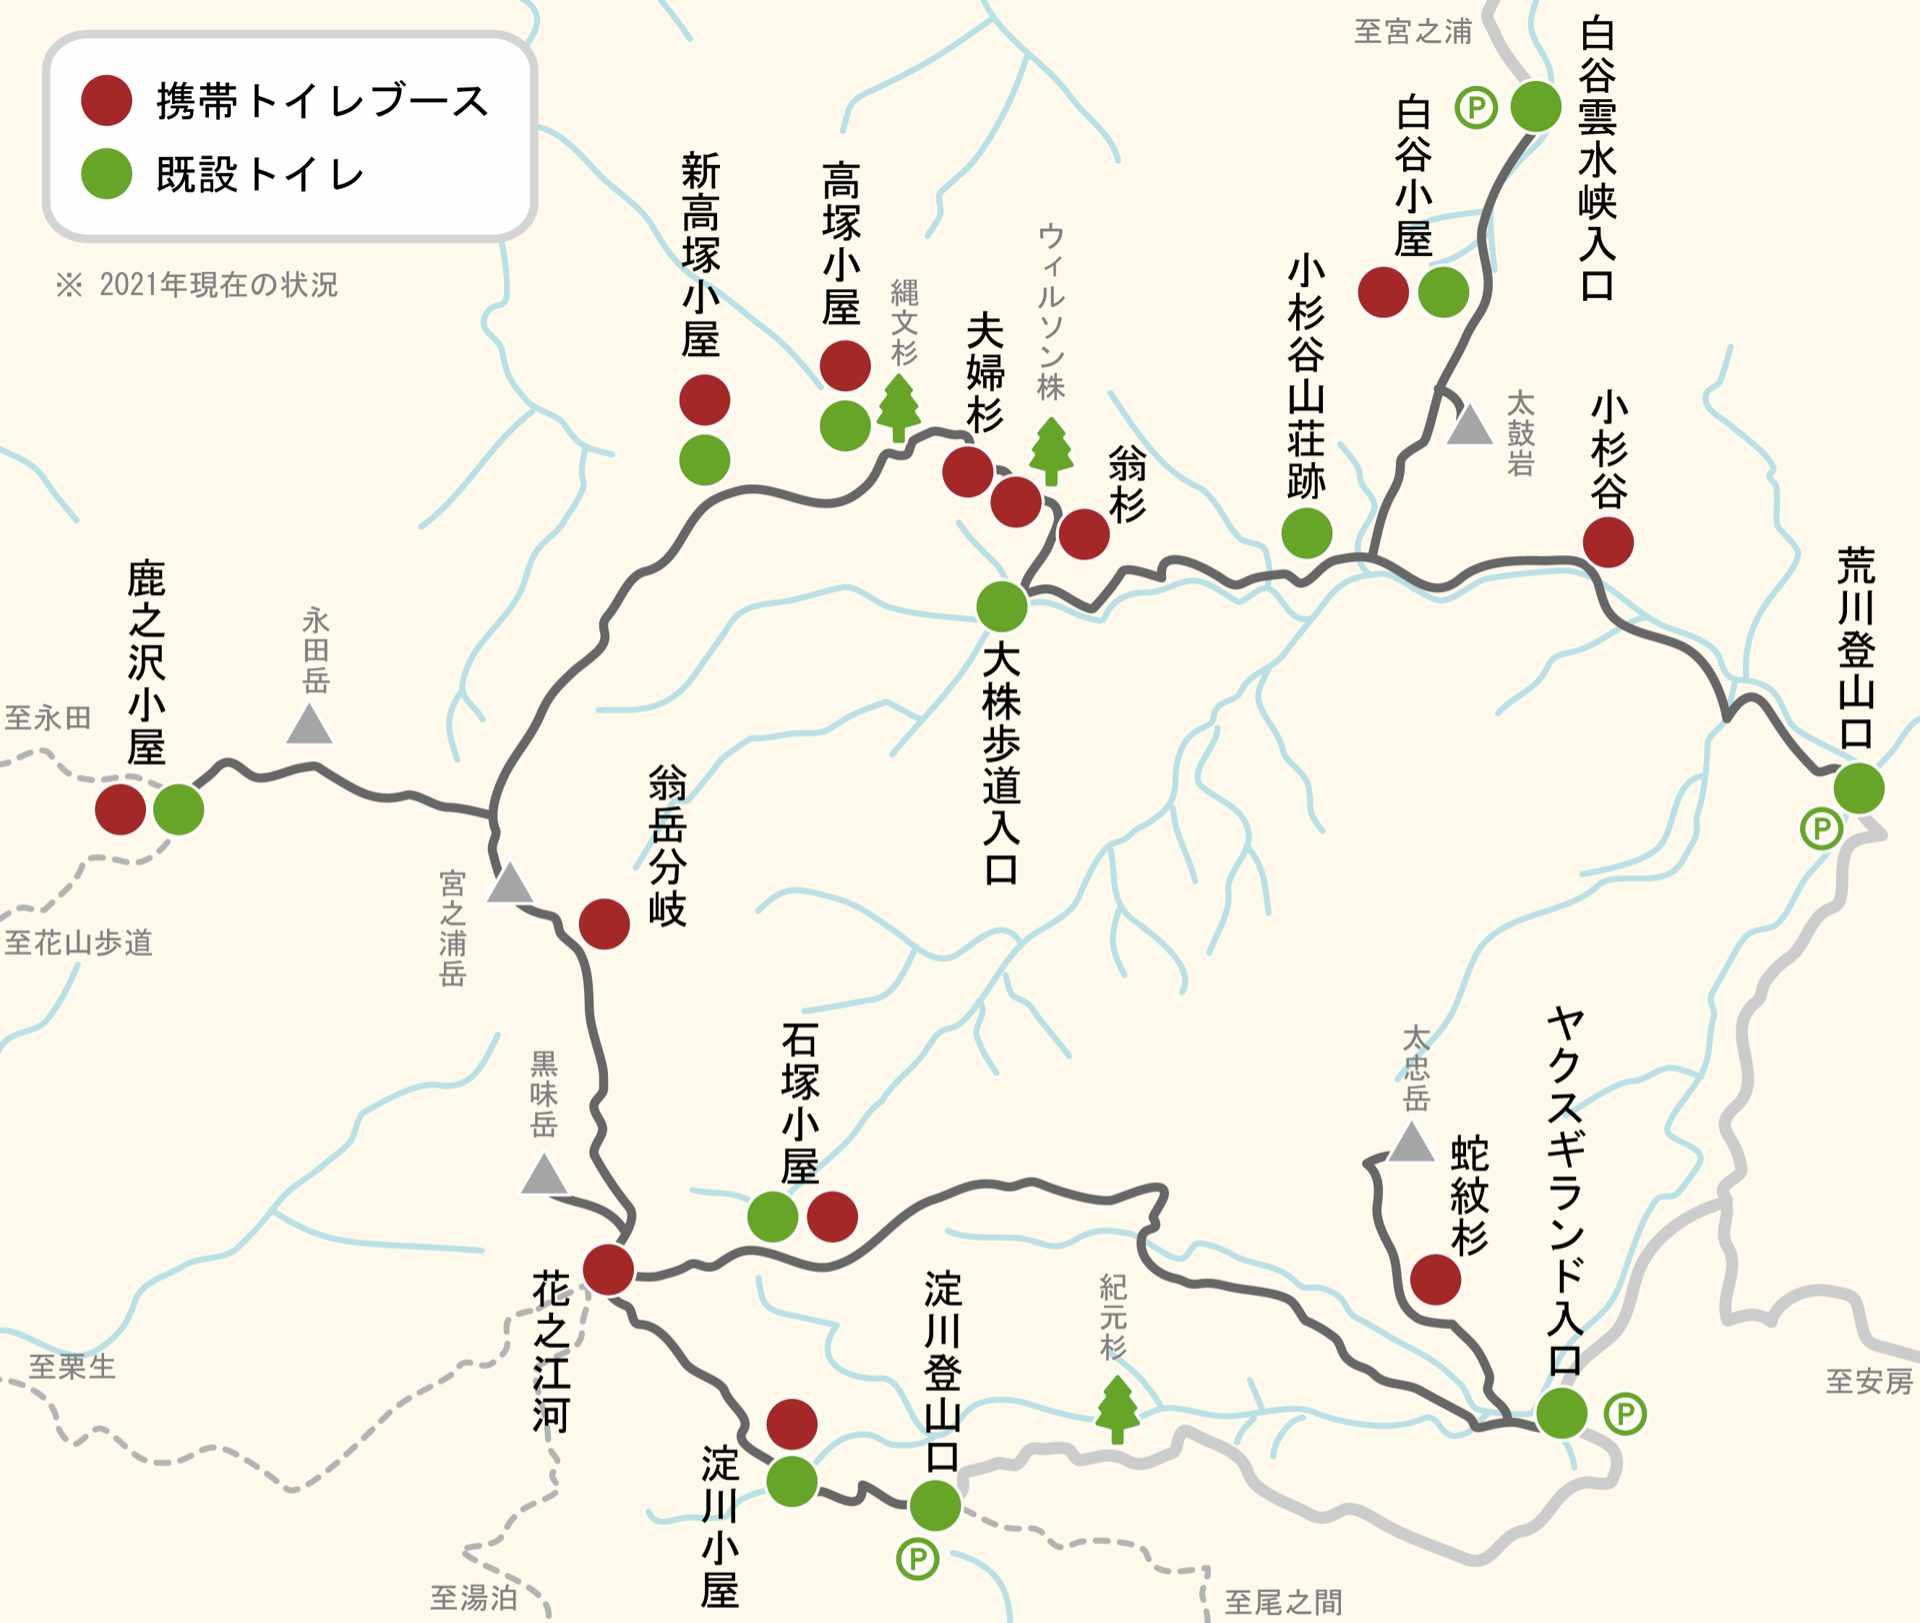 屋久島の山岳トイレマップ